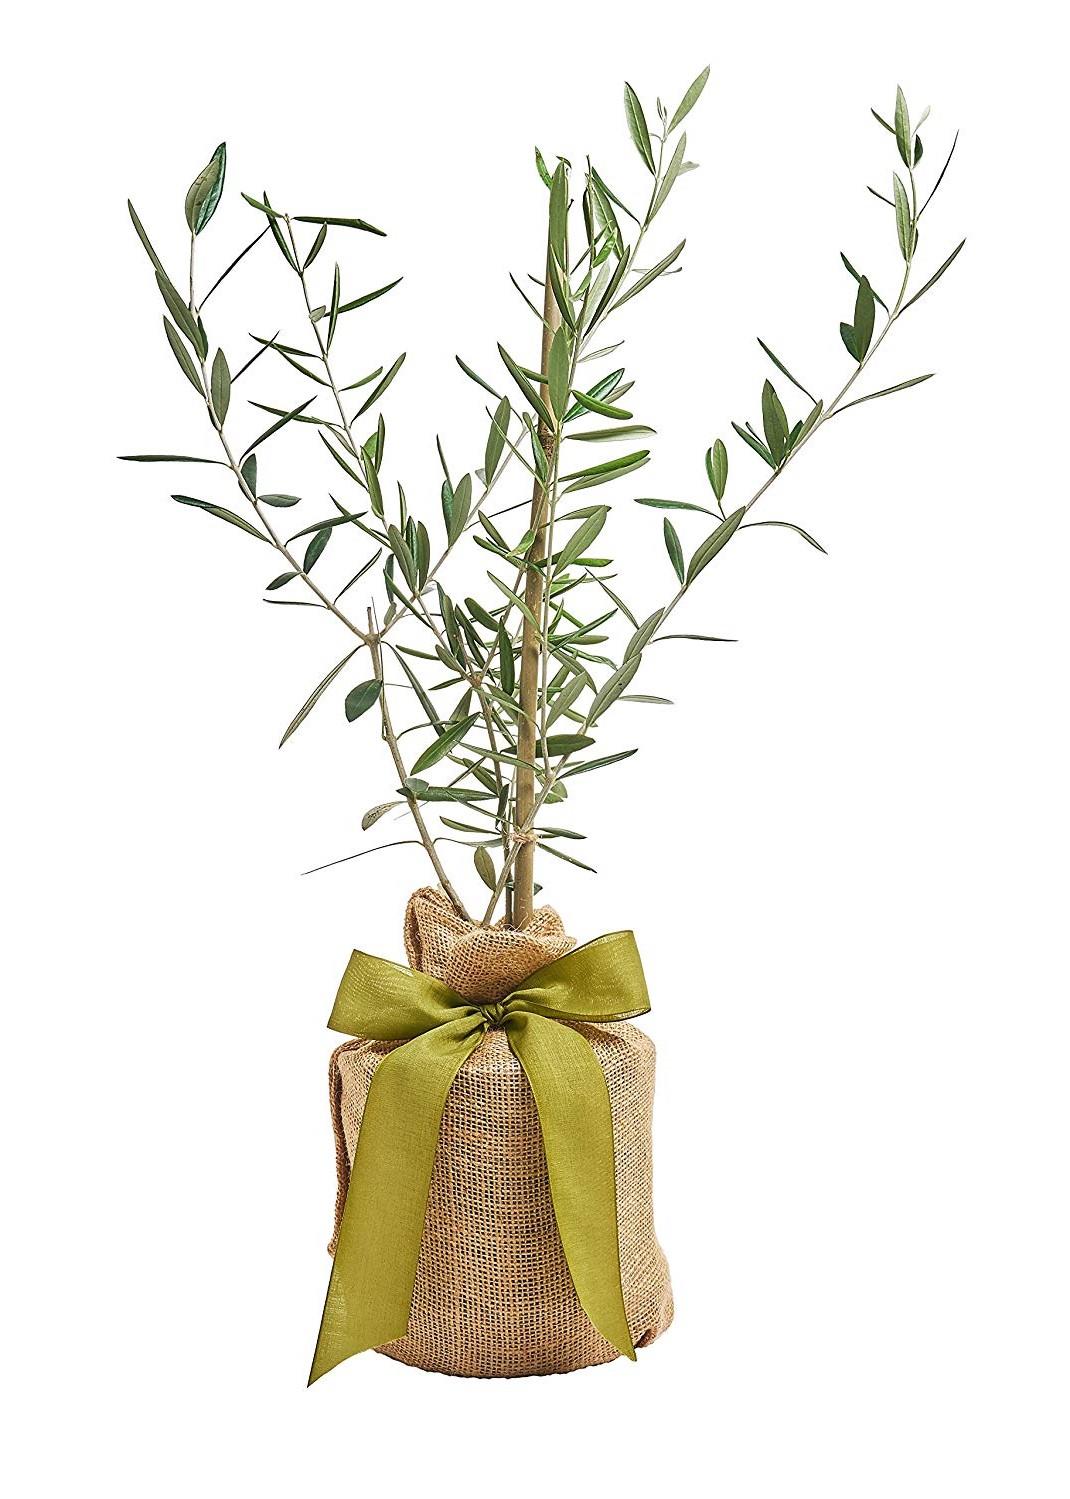 Alternativement, la plante et le pot peuvent être emballés pour éviter que les racines ne gèlent.